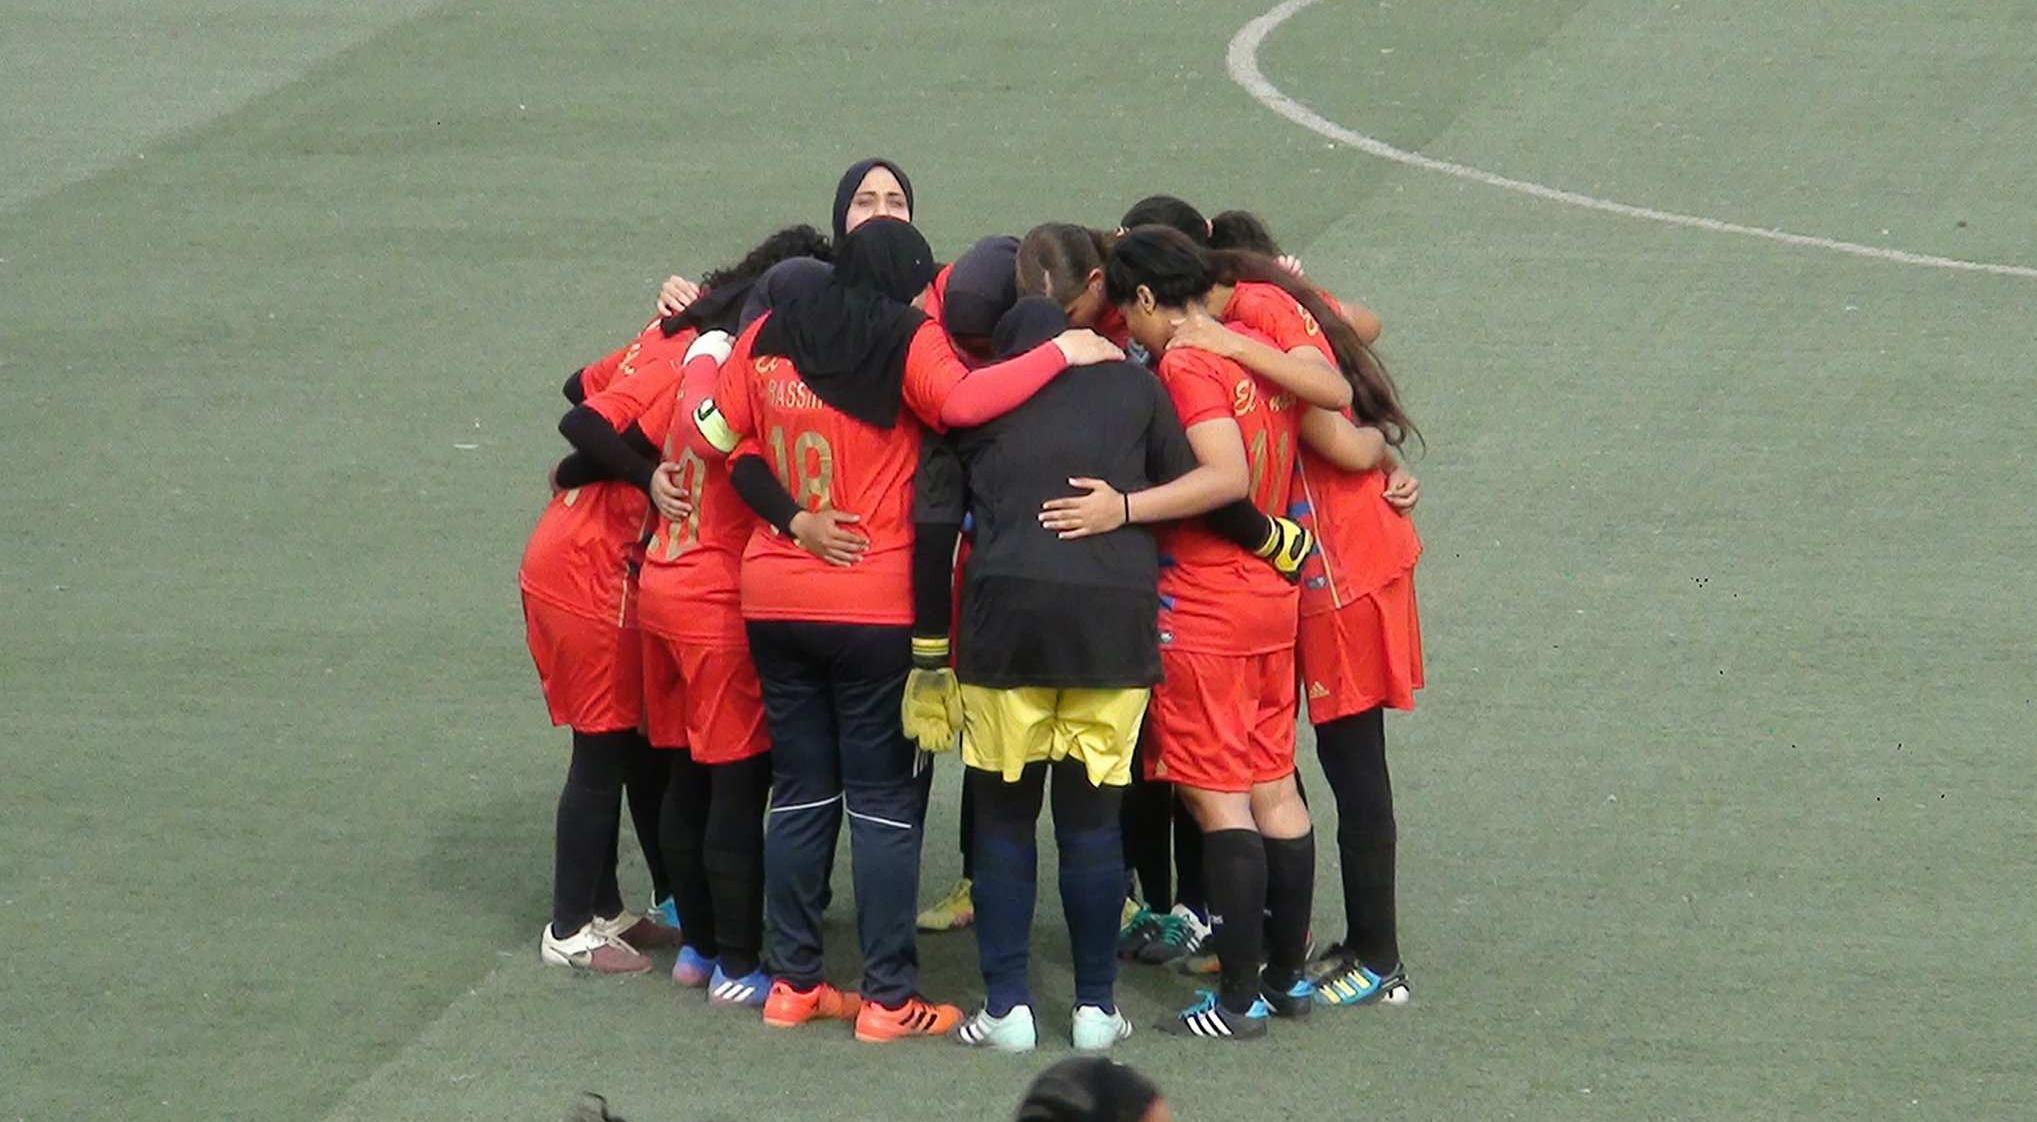 http://shbabbek.com/upload/«كابتن رحاب».. أول مدير فني في تاريخ كرة القدم النسائية المصرية